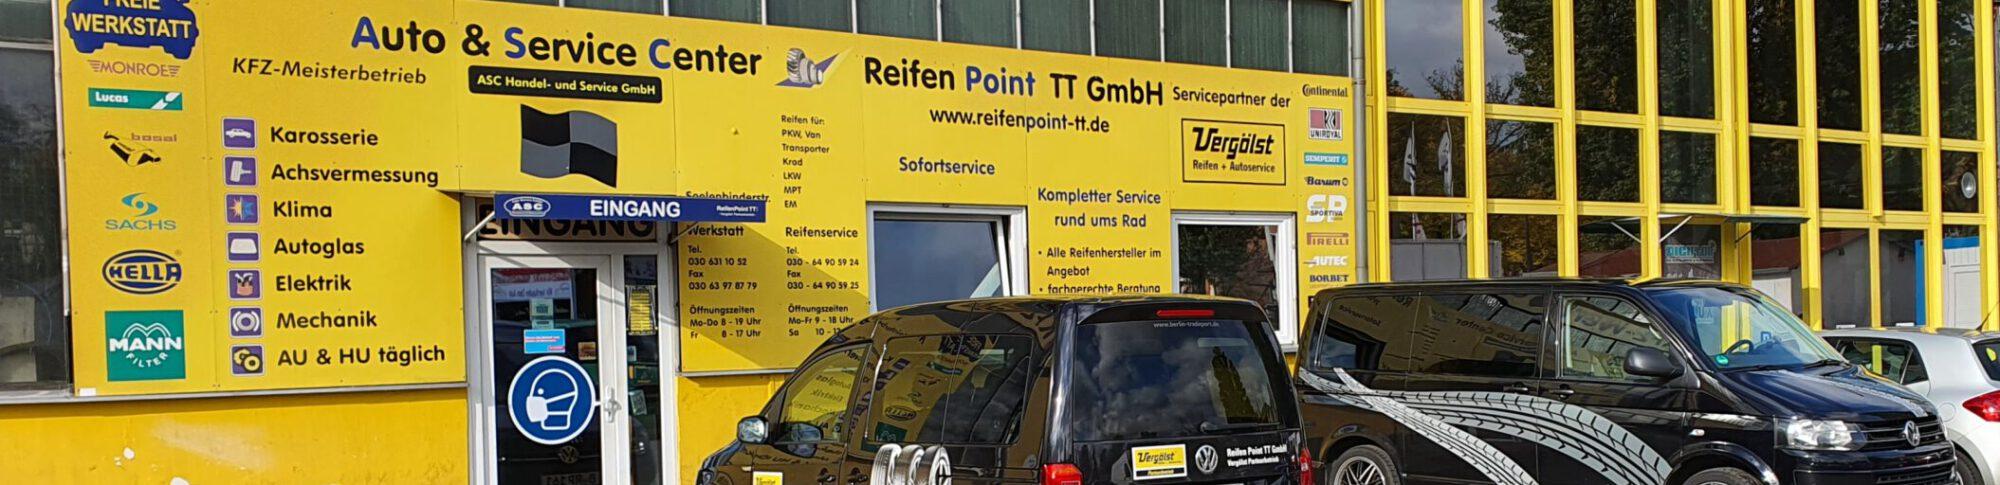 Reifen Point TT GmbH